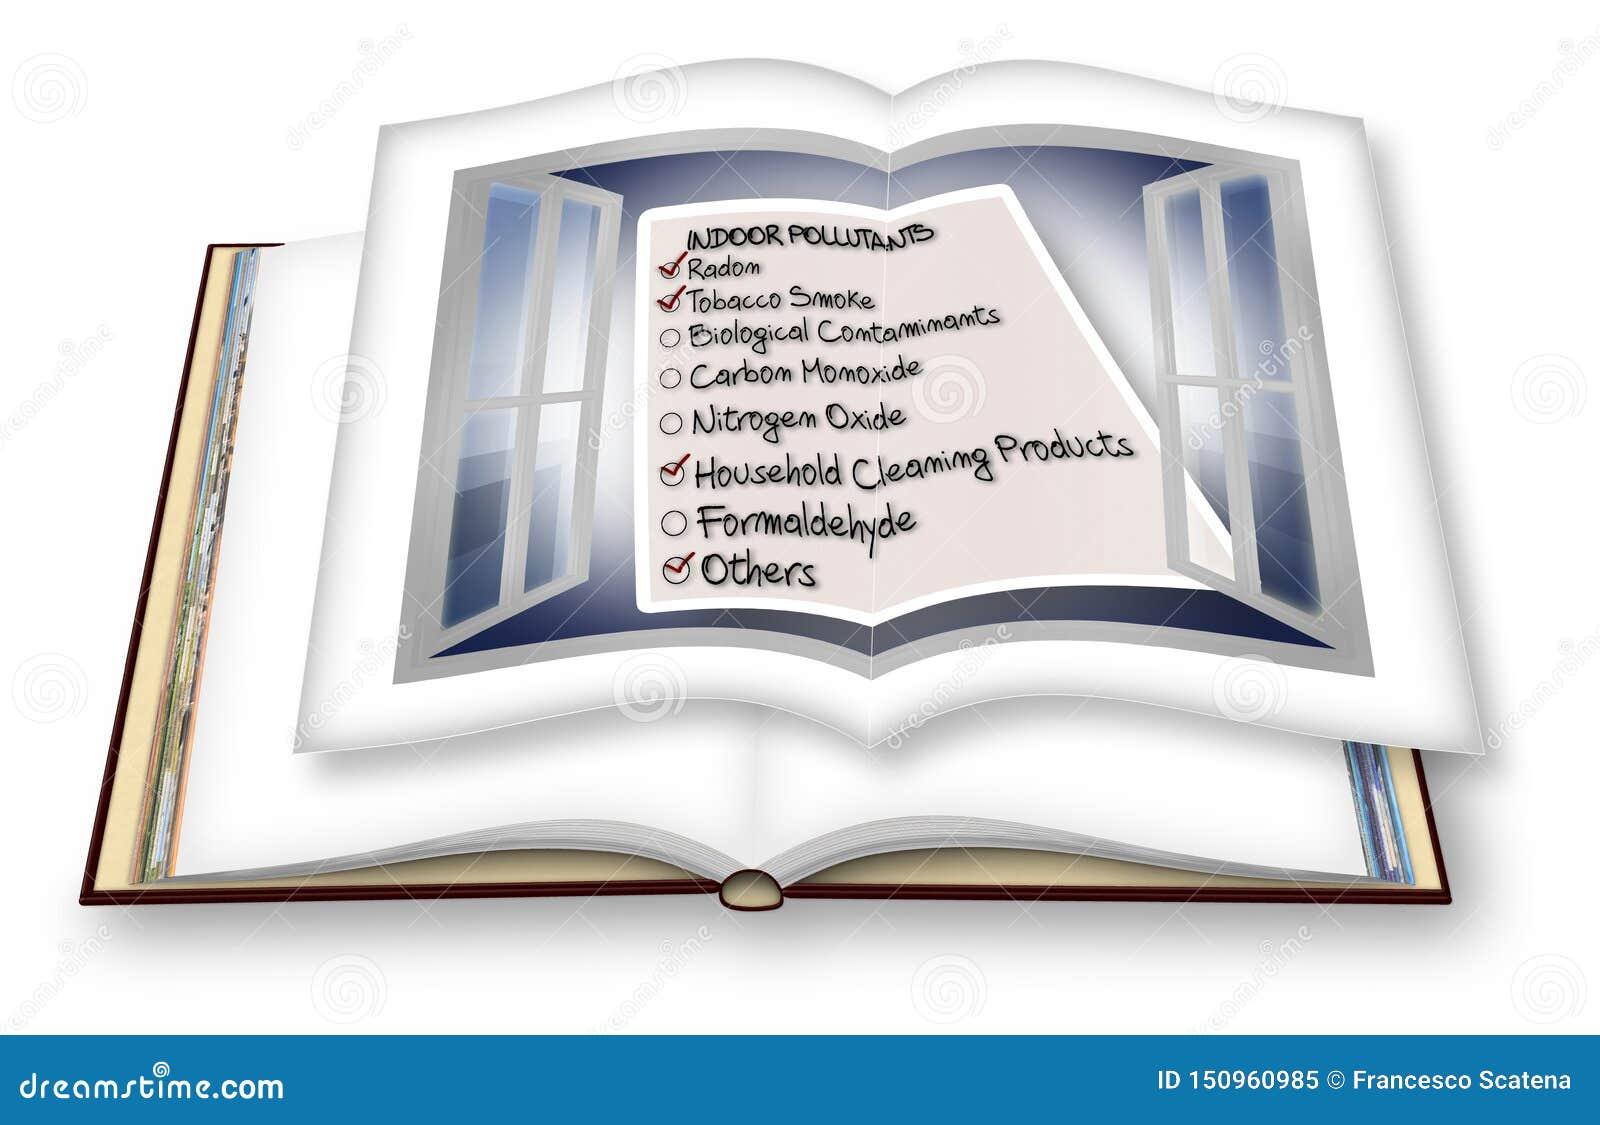 Verifique a lista de poluentes de ar interno vistos através de uma janela aberta - 3D rendem a imagem do conceito de um livro abe